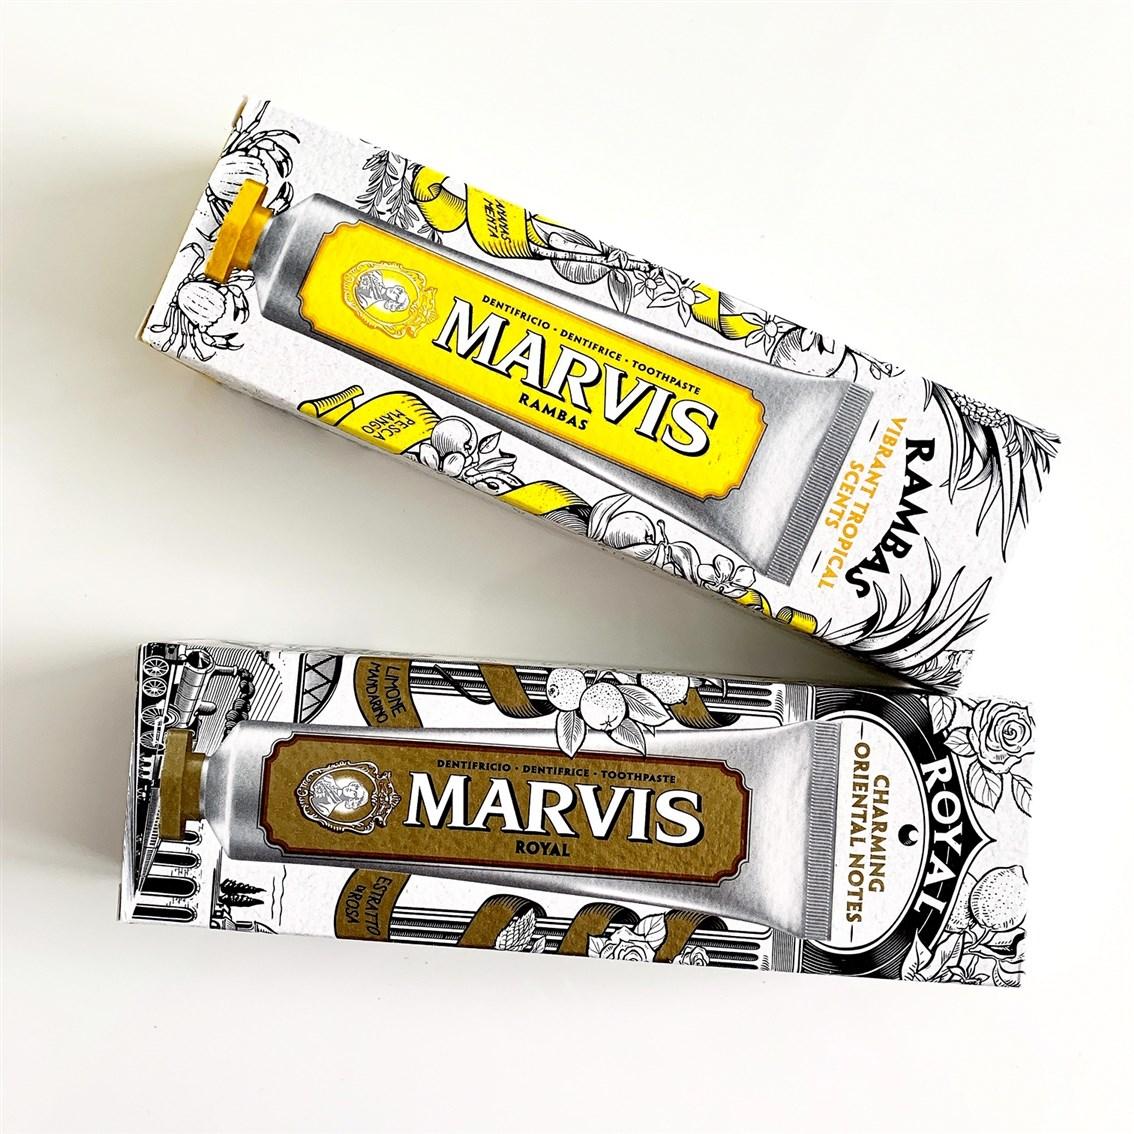 Marvis pasty do zębów opinie